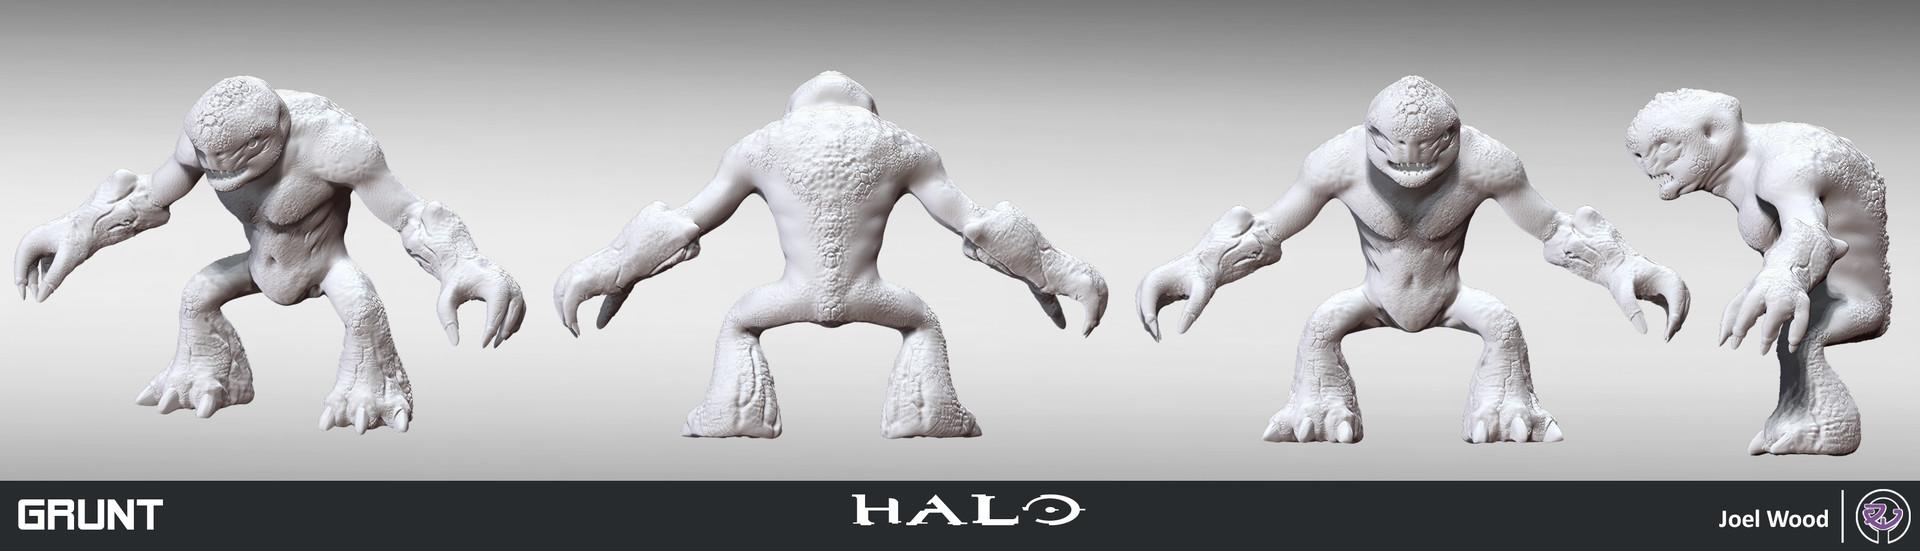 ArtStation - Halo Grunt Fan Art, Joel Wood